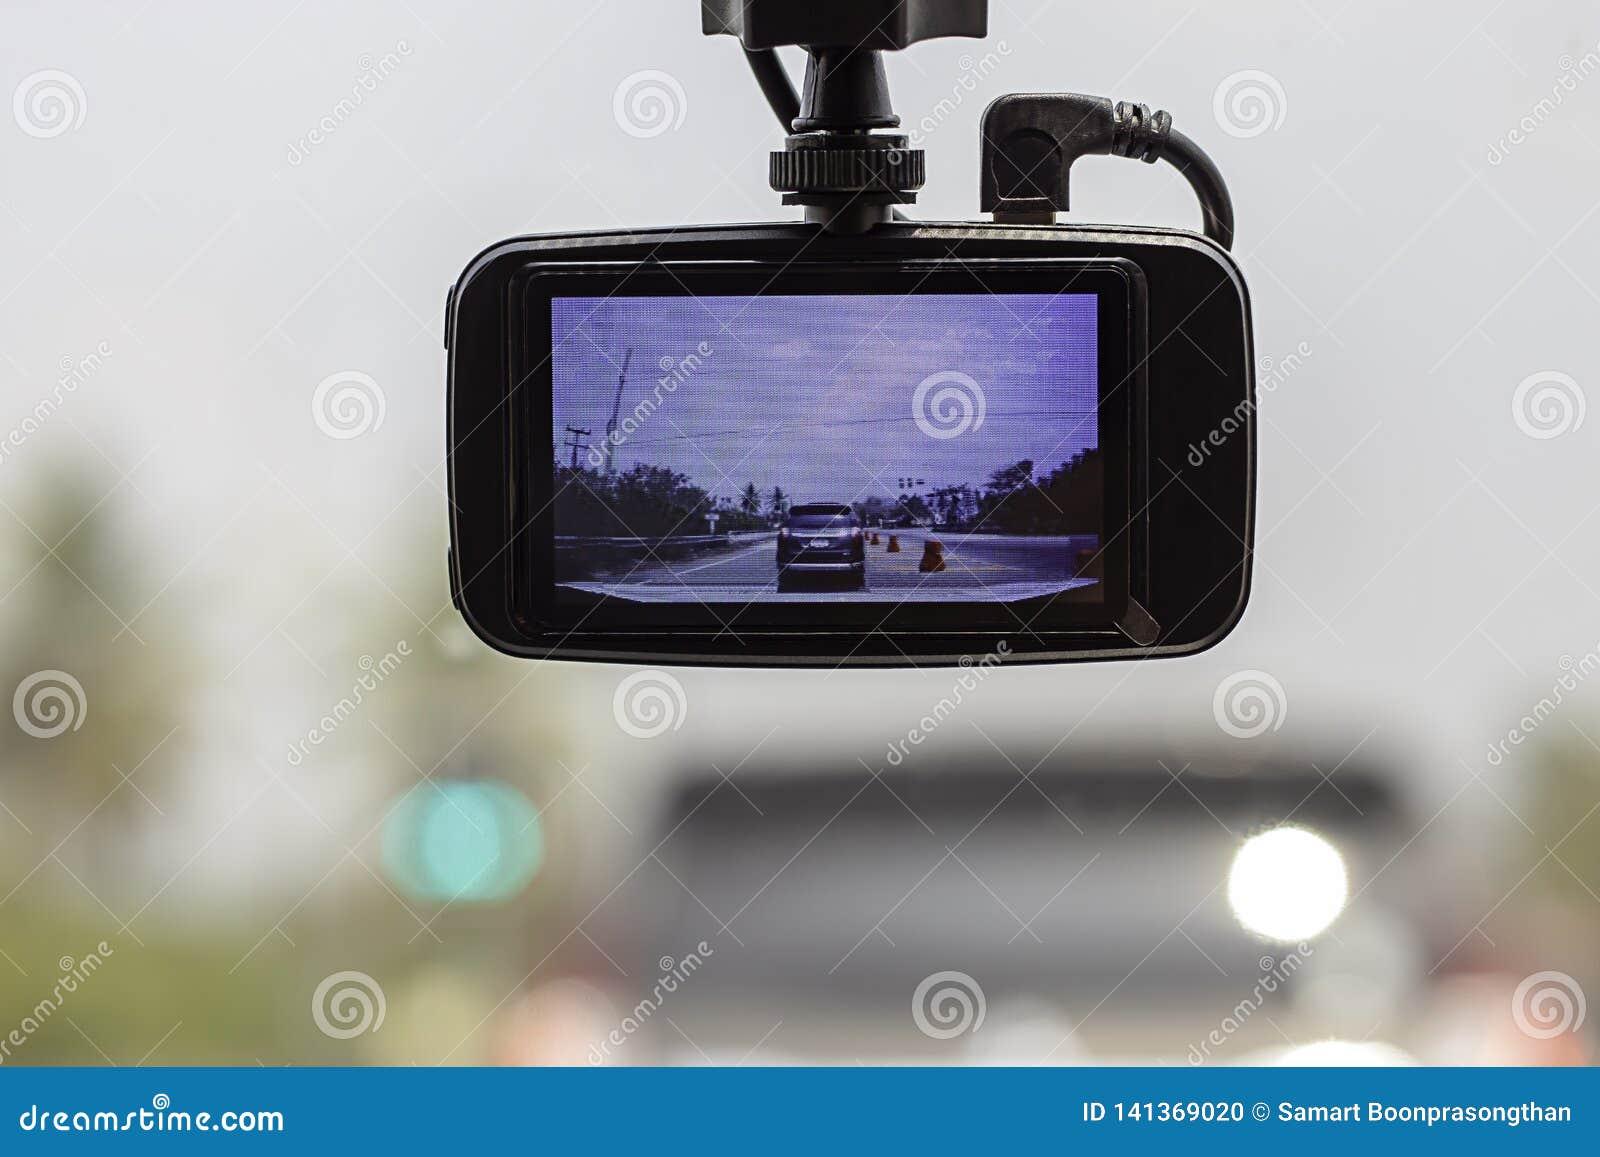 Obrazuje samochody i niebo na kamerze w samochodzie